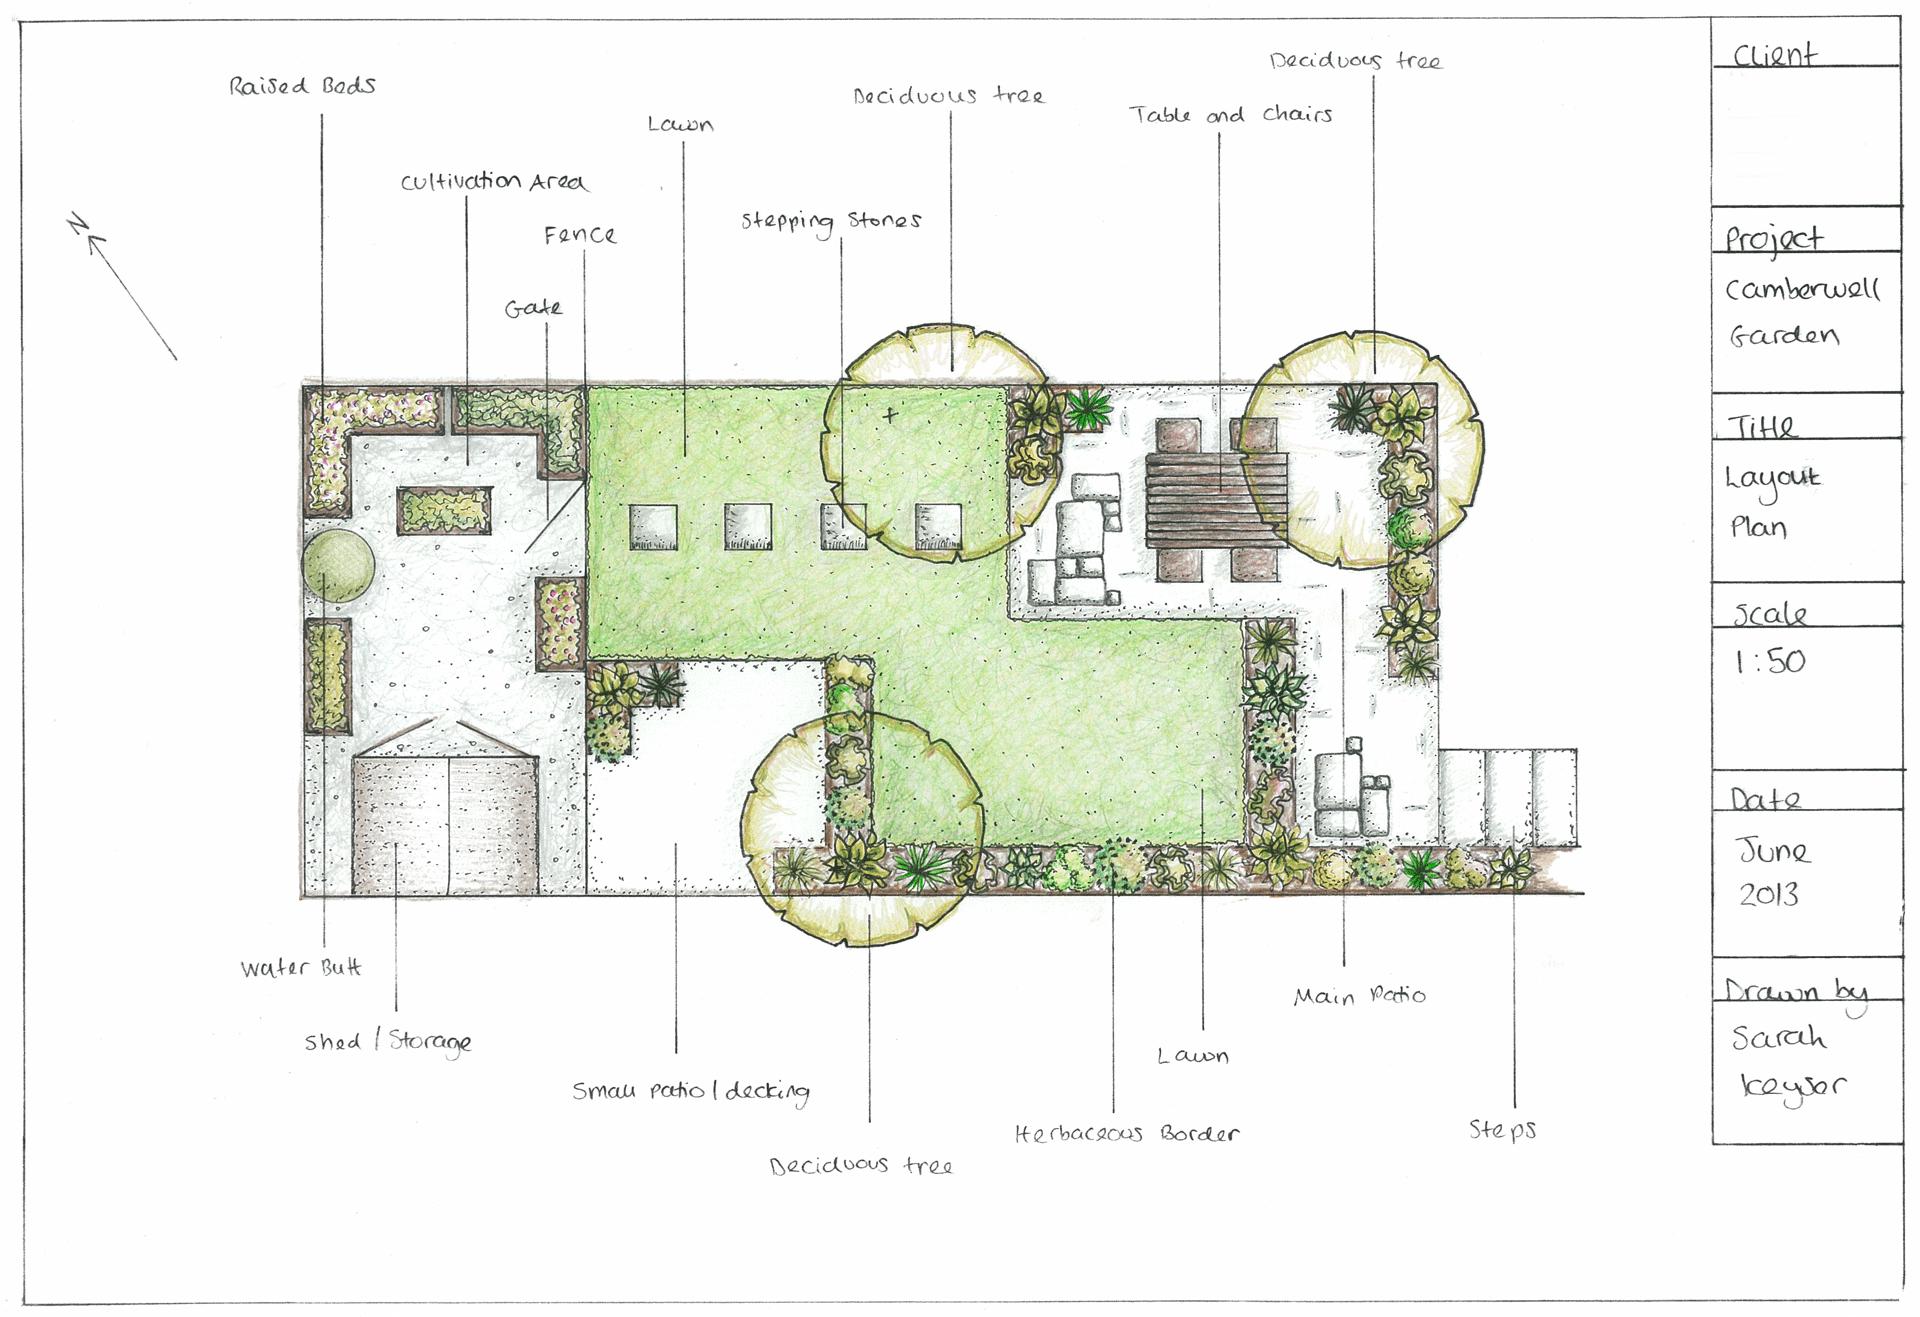 Coucou Design Small London Garden City Garden Town Garden Green And White Low Maintenance Garden Garden Design Garde Garden Design London Garden Design